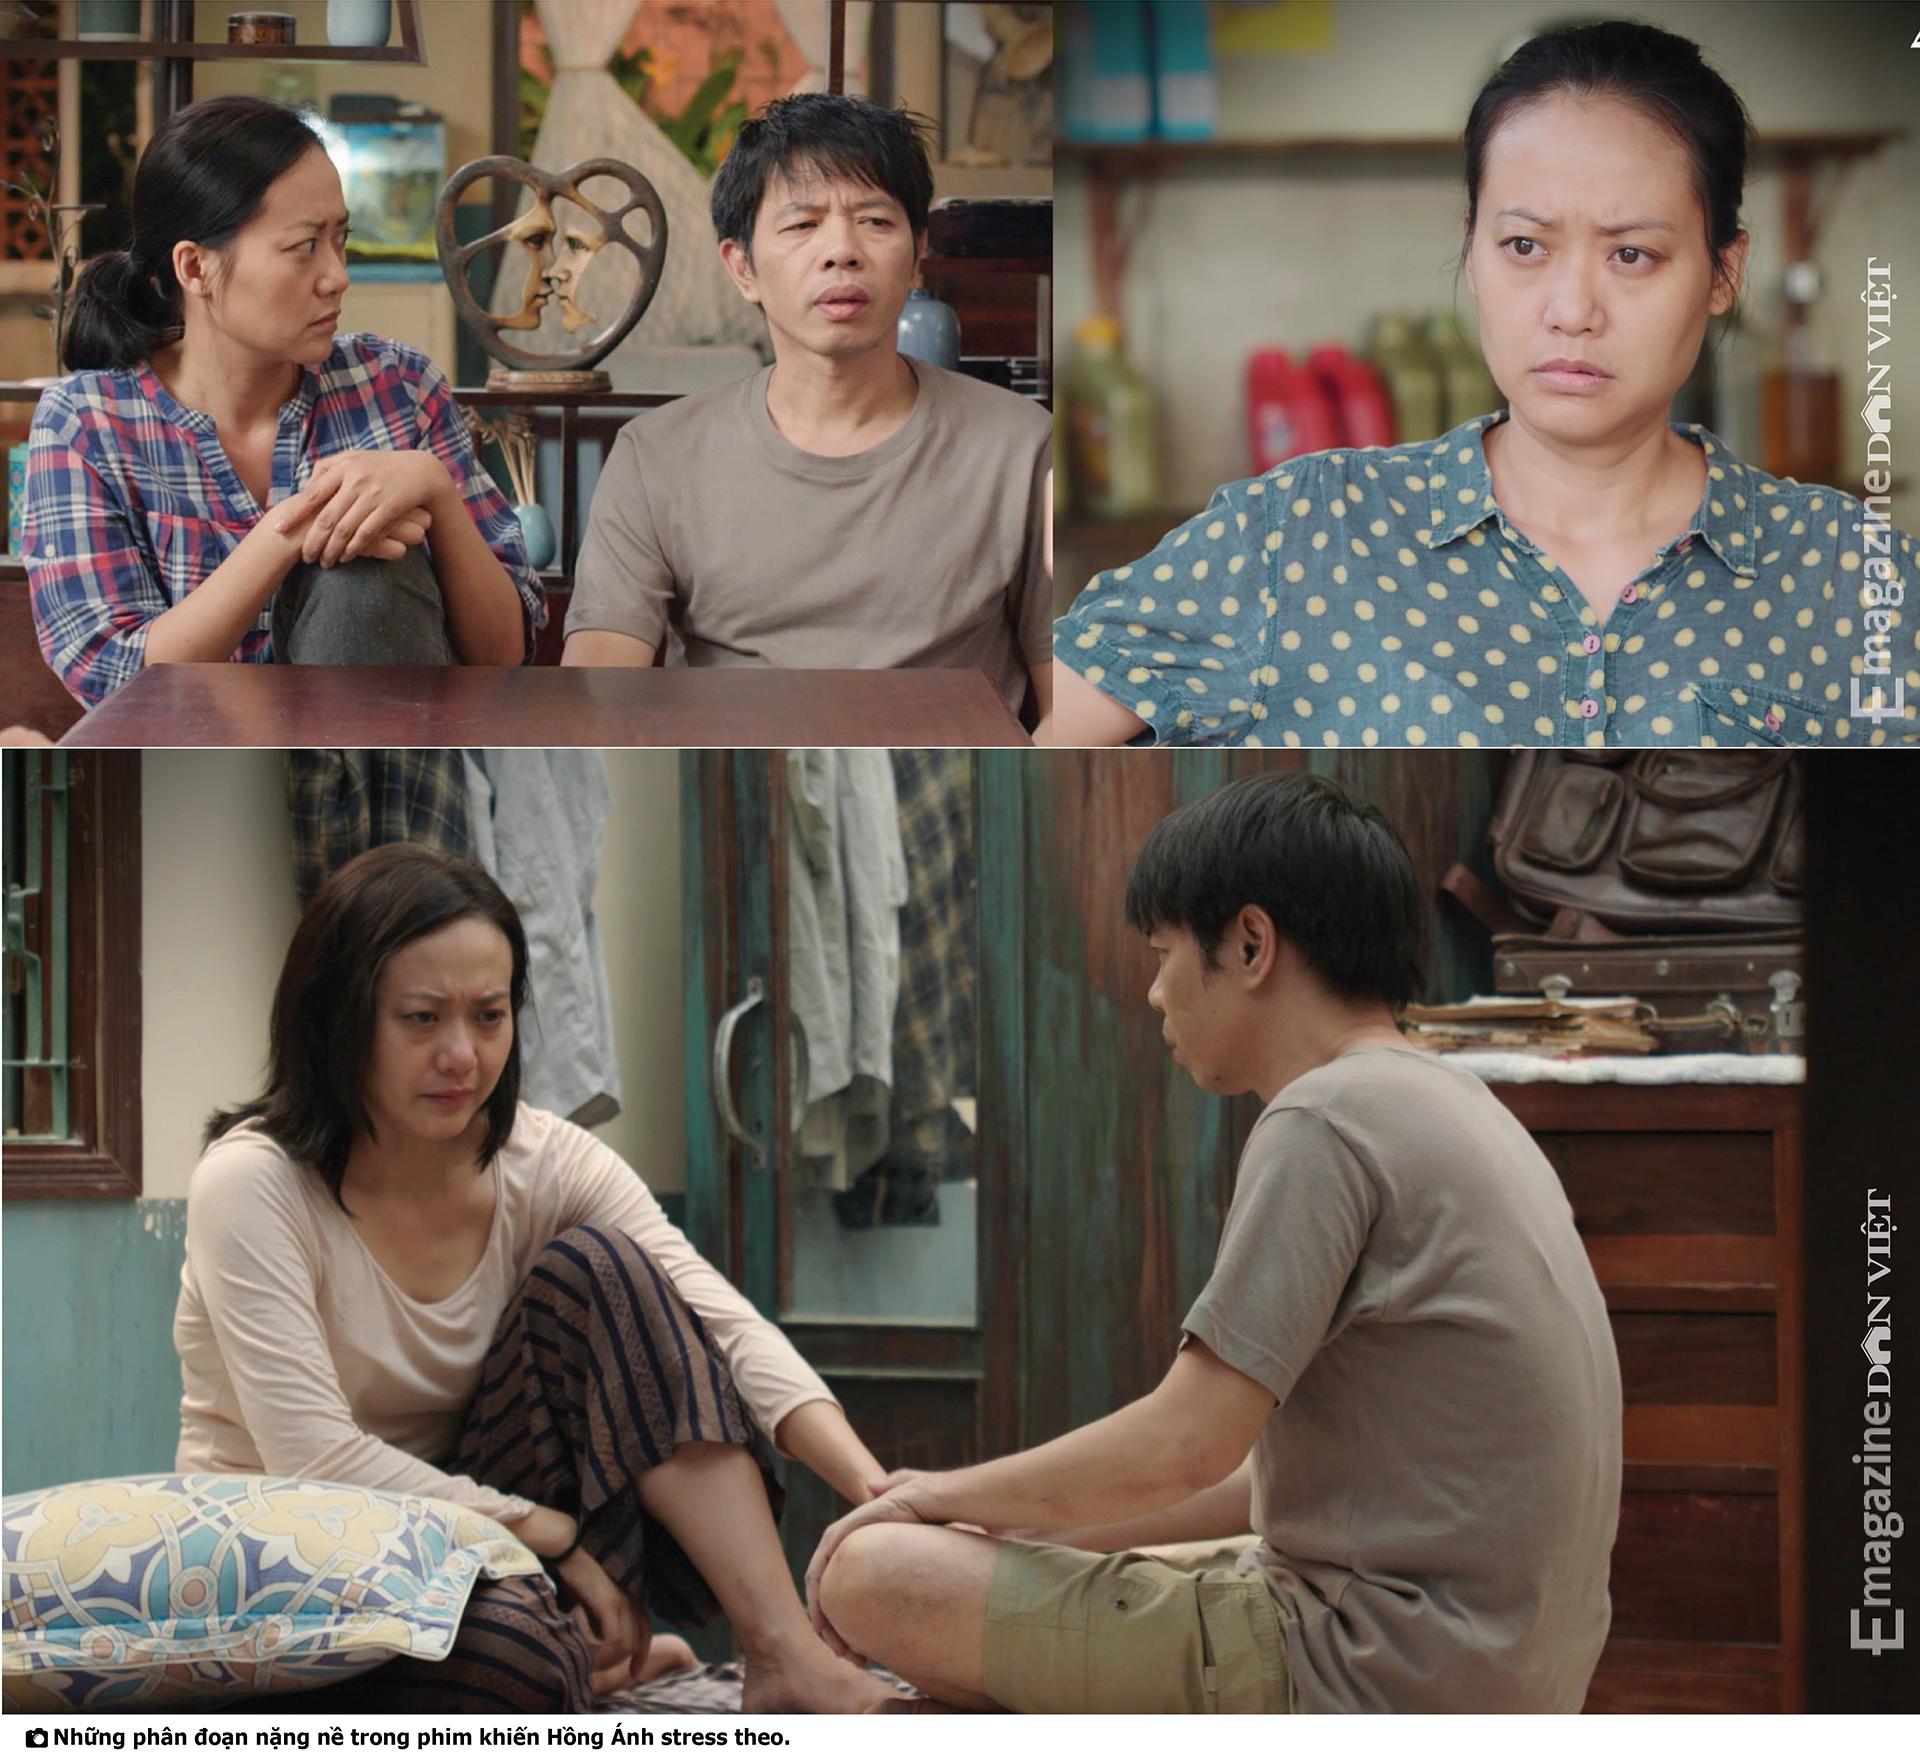 Diễn viên – đạo diễn Hồng Ánh: Tôi có cuộc sống khác biệt với số đông nhưng hạnh phúc theo cách riêng - Ảnh 6.